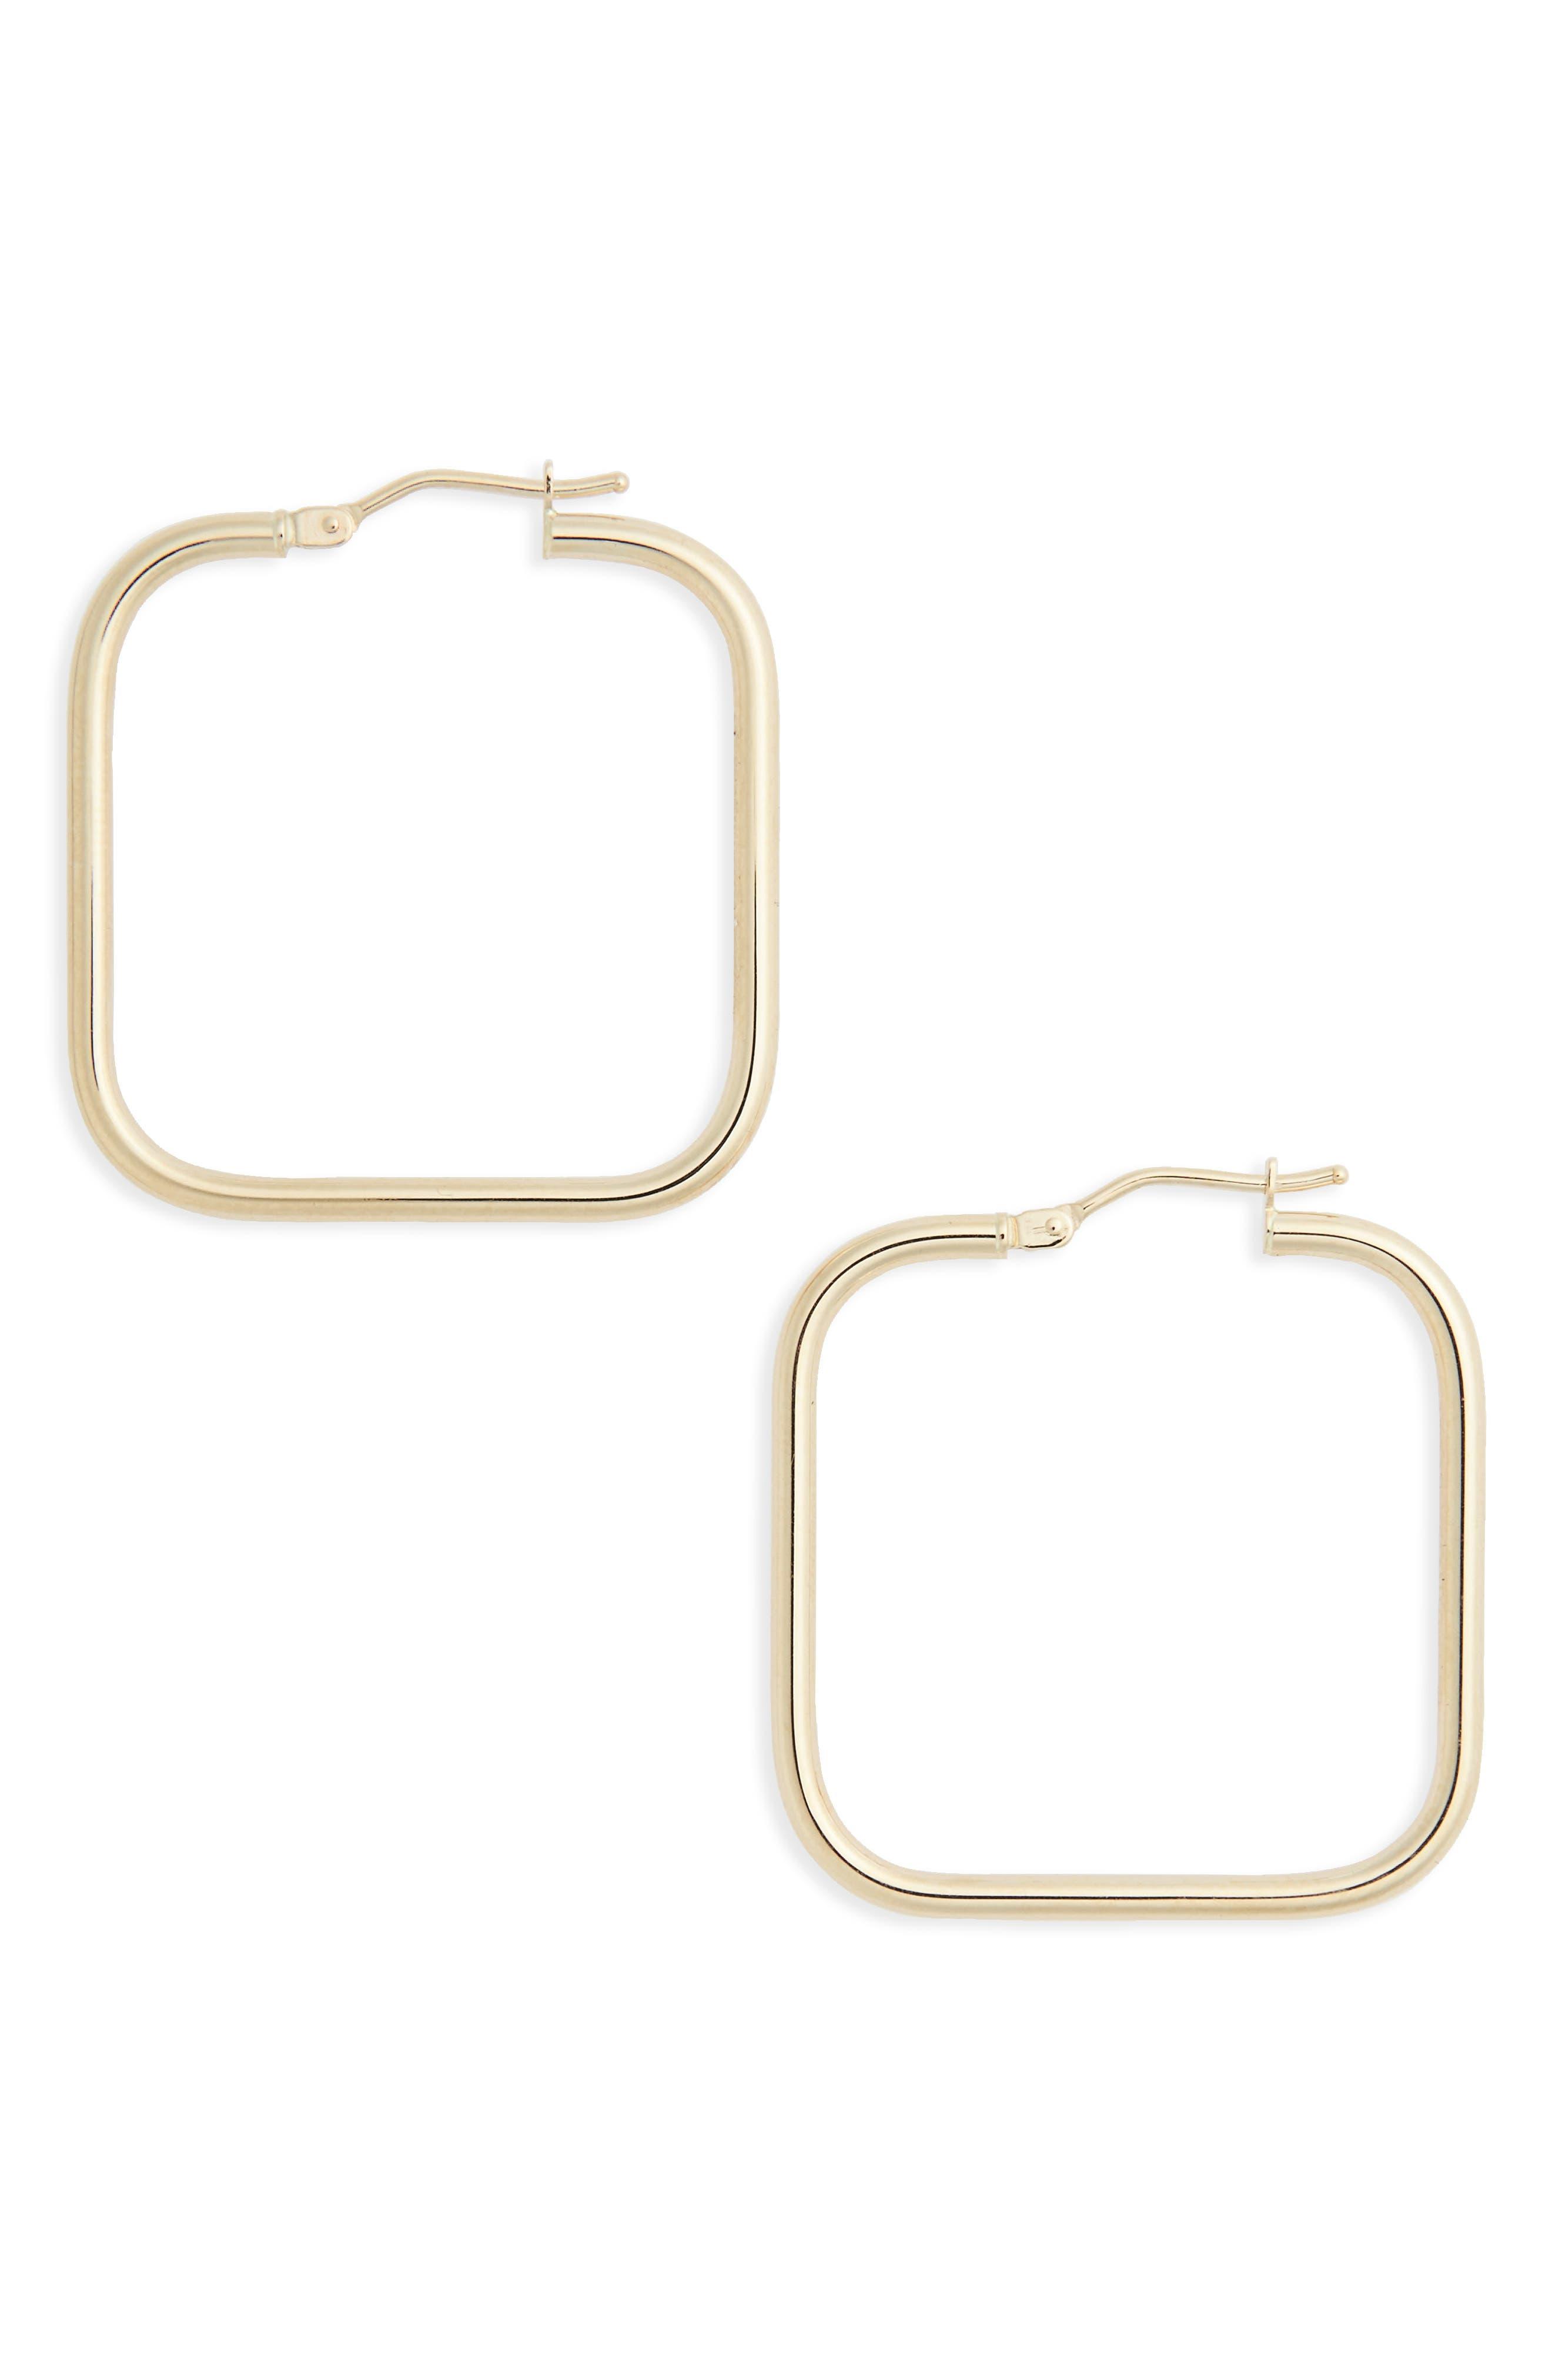 14K Gold Square Hoop Earrings (Nordstrom Exclusive)